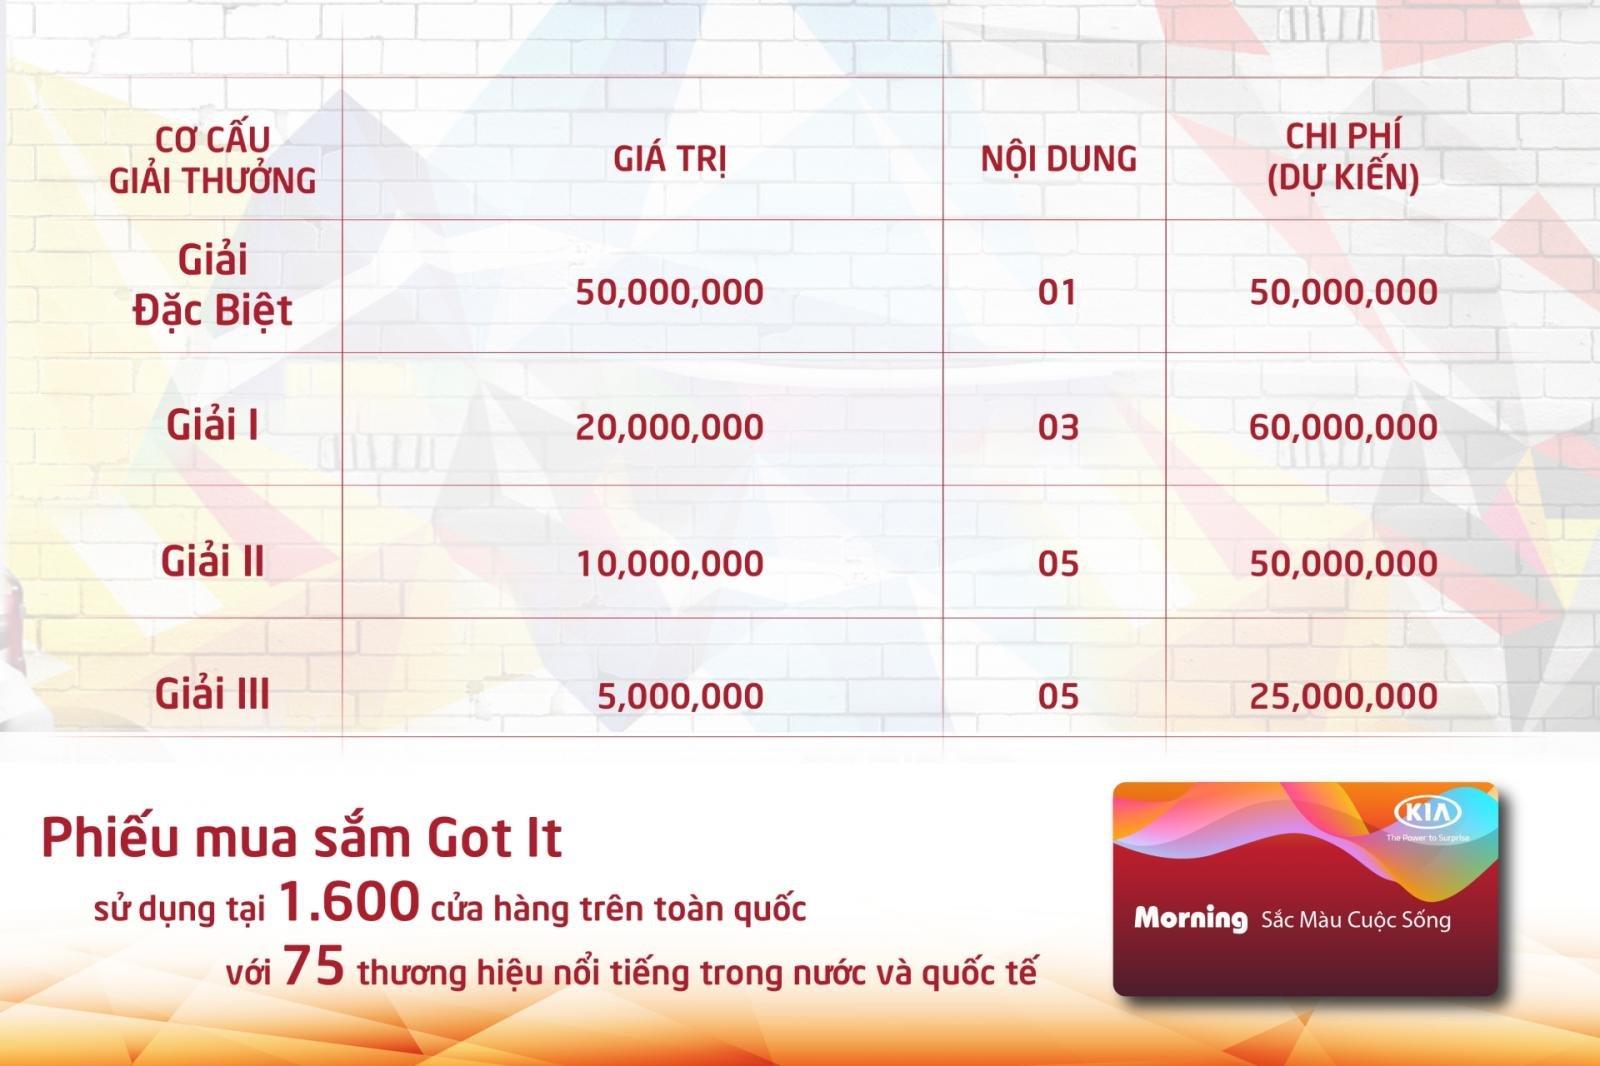 Thêm đối thủ, Kia Sedona được Thaco ưu đãi đến 40 triệu đồng a2